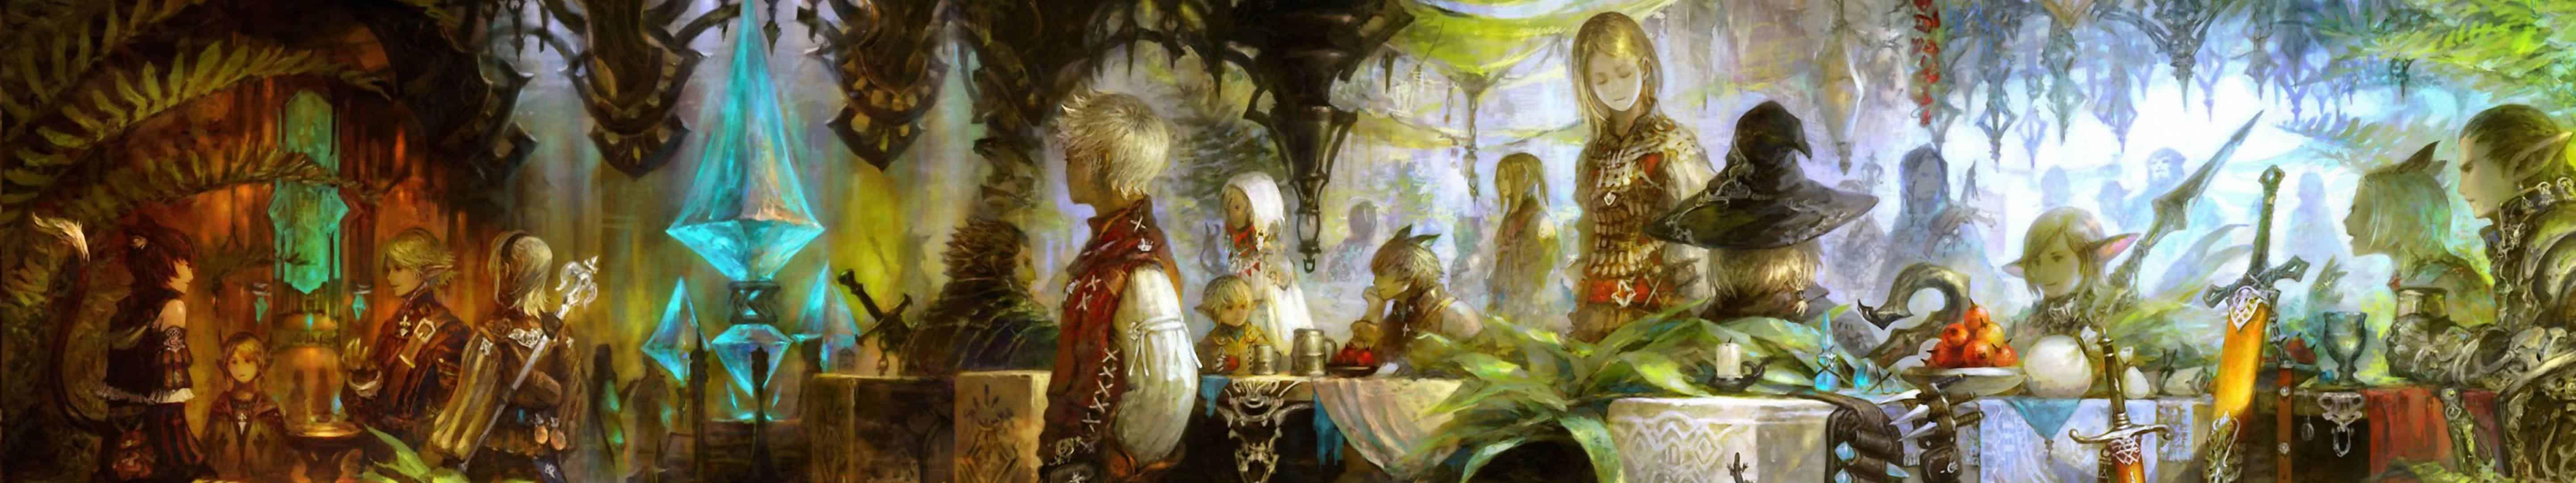 Final Fantasy Xiv Online A Realm Reborn Triple Monitor Wallpaper